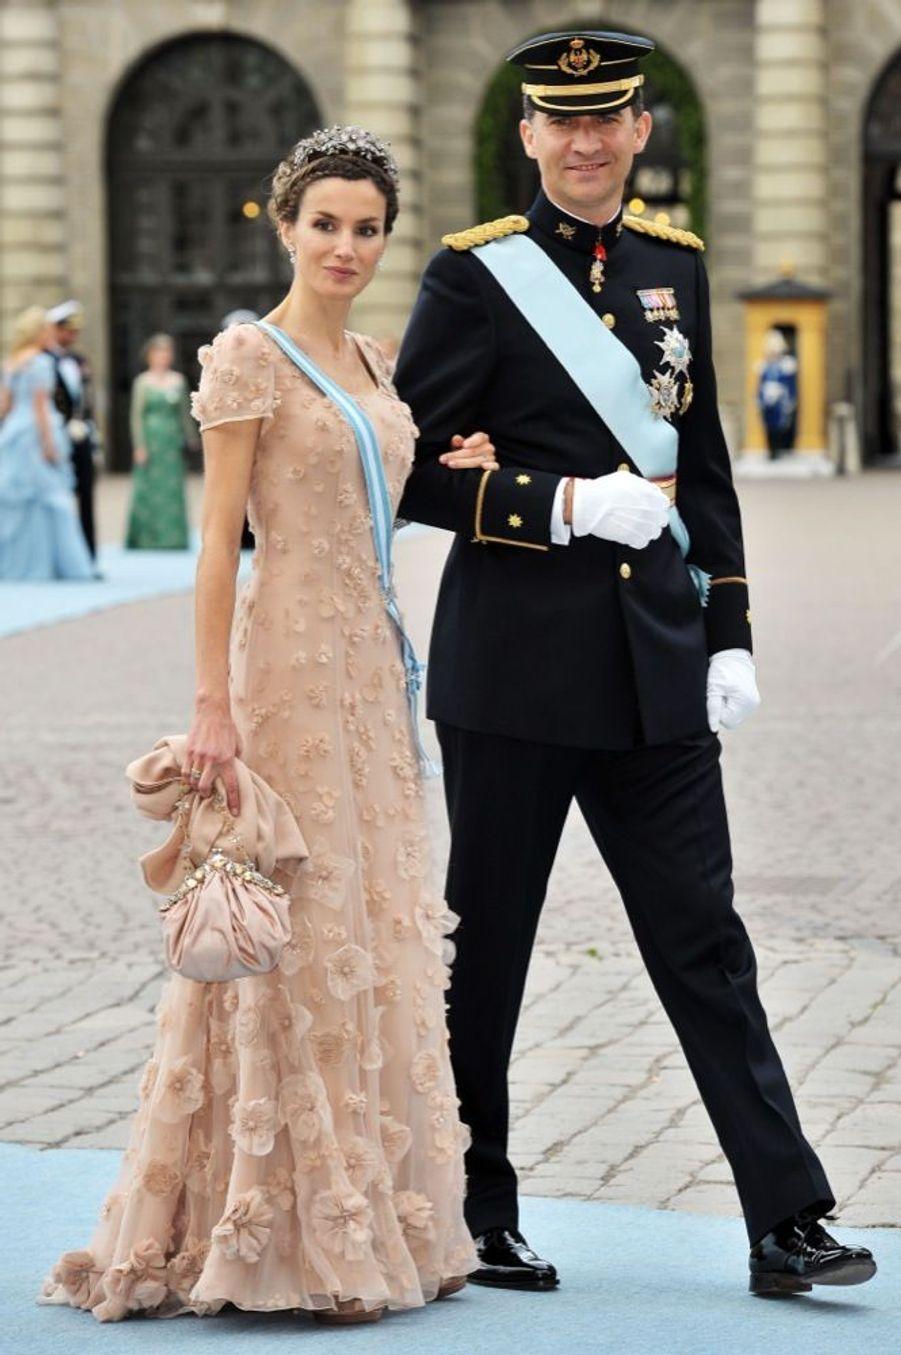 Letizia et Felipe d'Espagne aumariage de la princesse Victoria de Suède et de Daniel Westling, samedi 19 juin 2010 au palais royal de Stockholm.